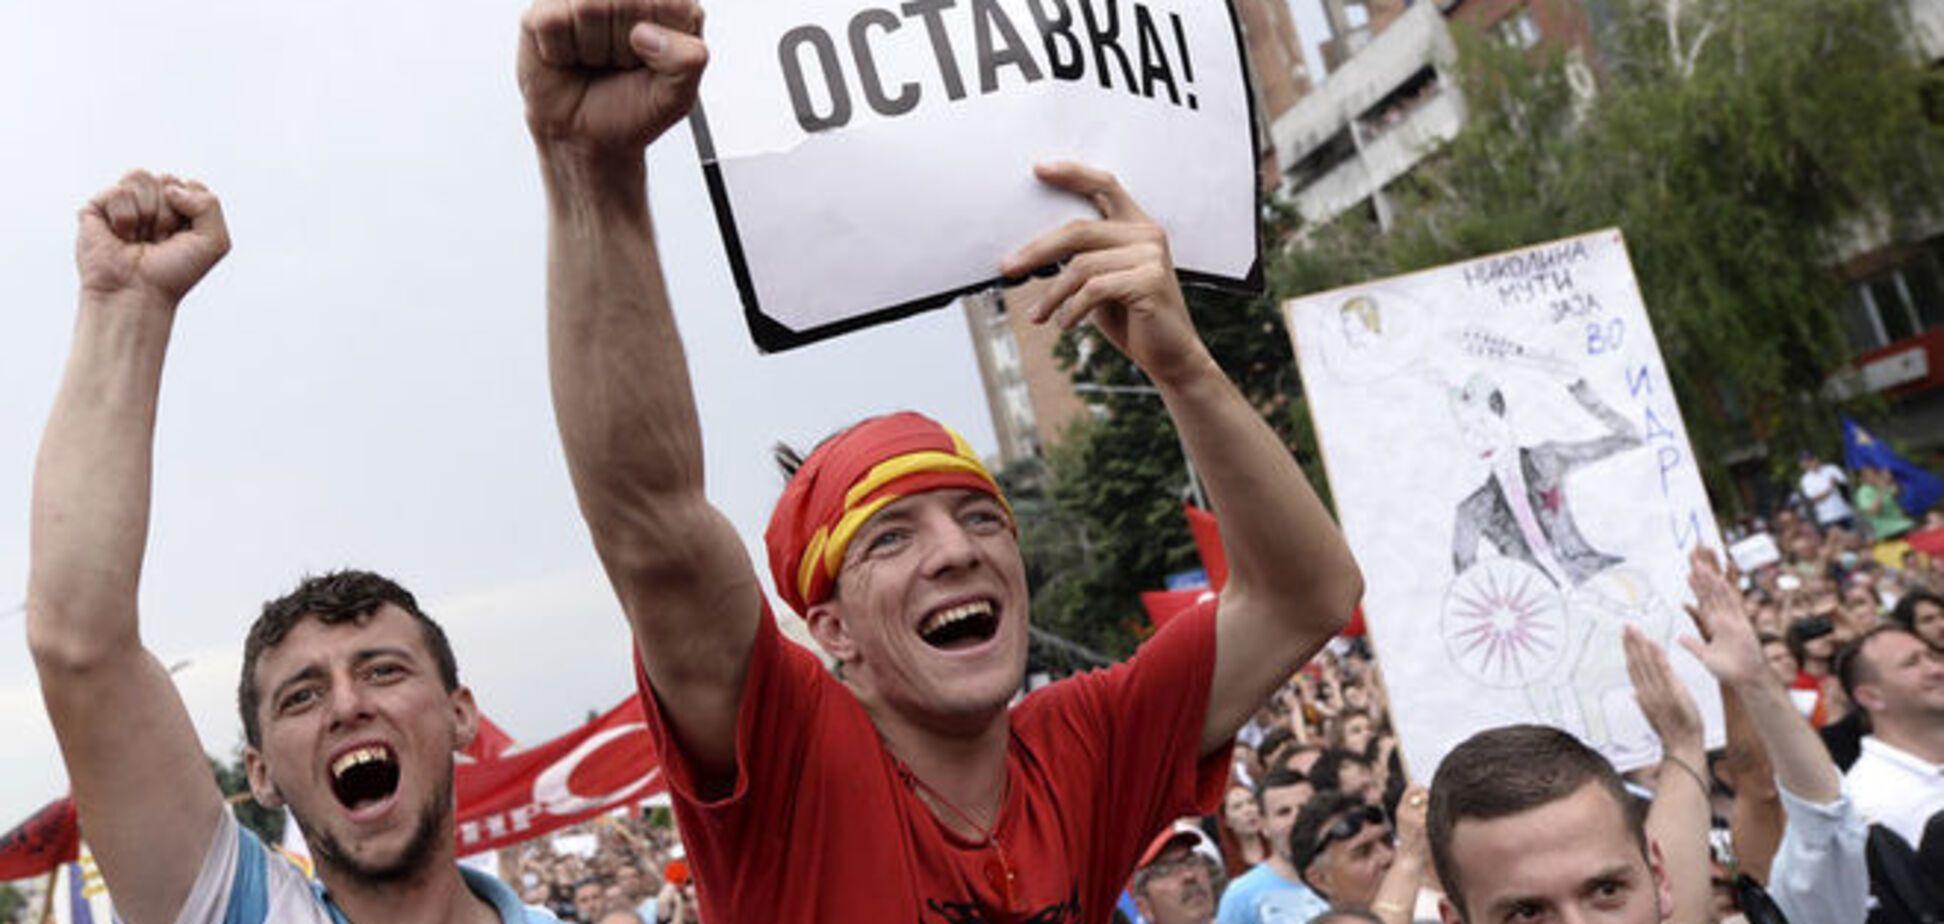 La Repubblica: Македония взбунтовалась против 'маленького Януковича'